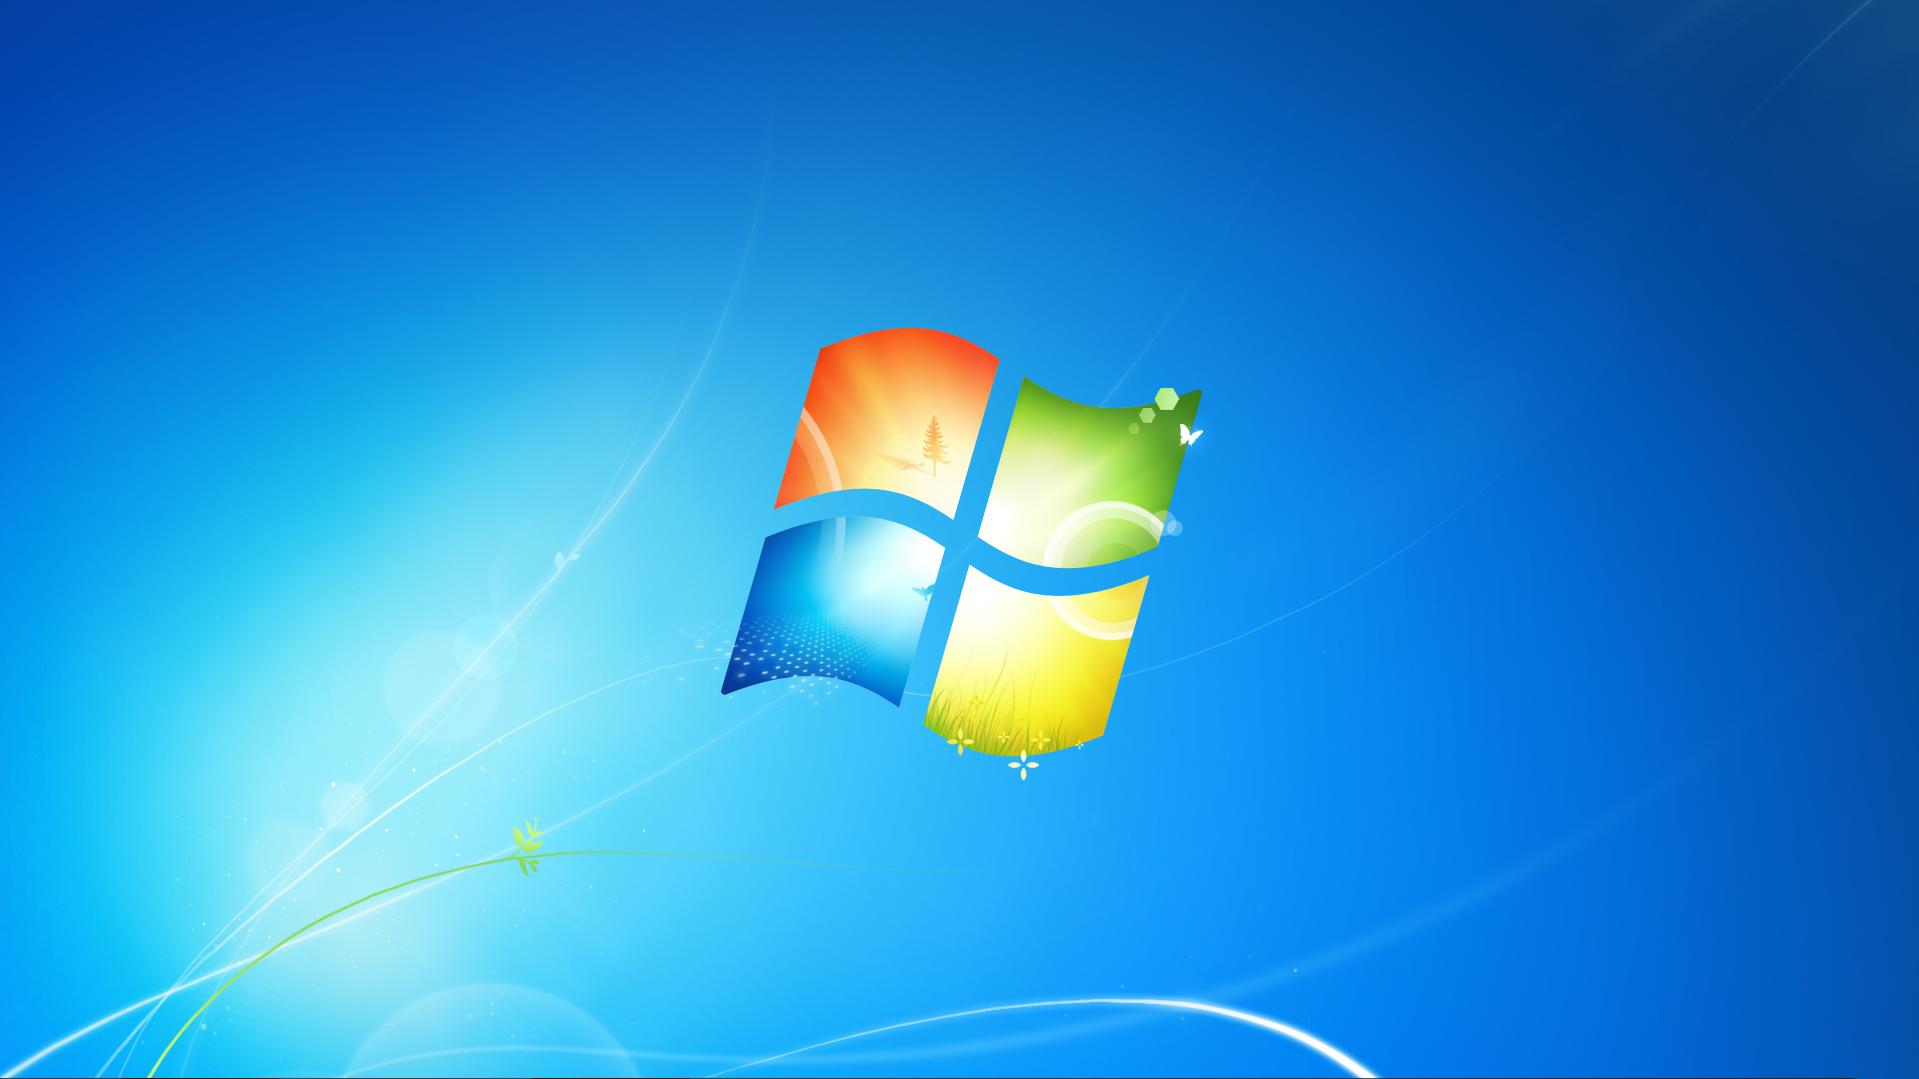 Windows 7 Default Wallpaper 1920 X 1080 4k Computer Maintenance Computer Logo Computer Technology